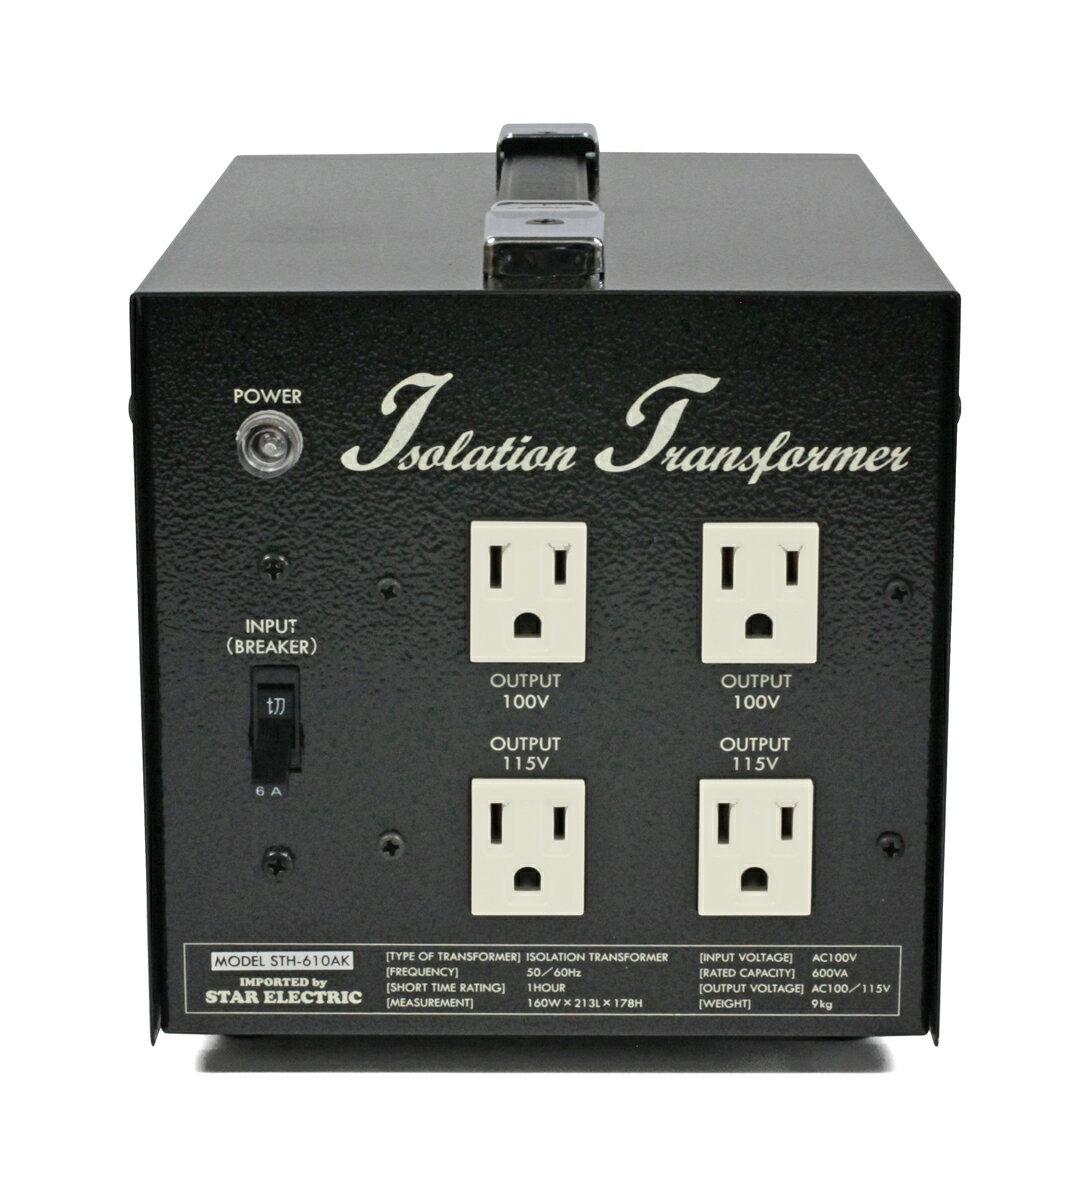 【エントリーでさらにポイント5倍!】アイソレーション電源トランスギタリスト電源600W100V専用仕様